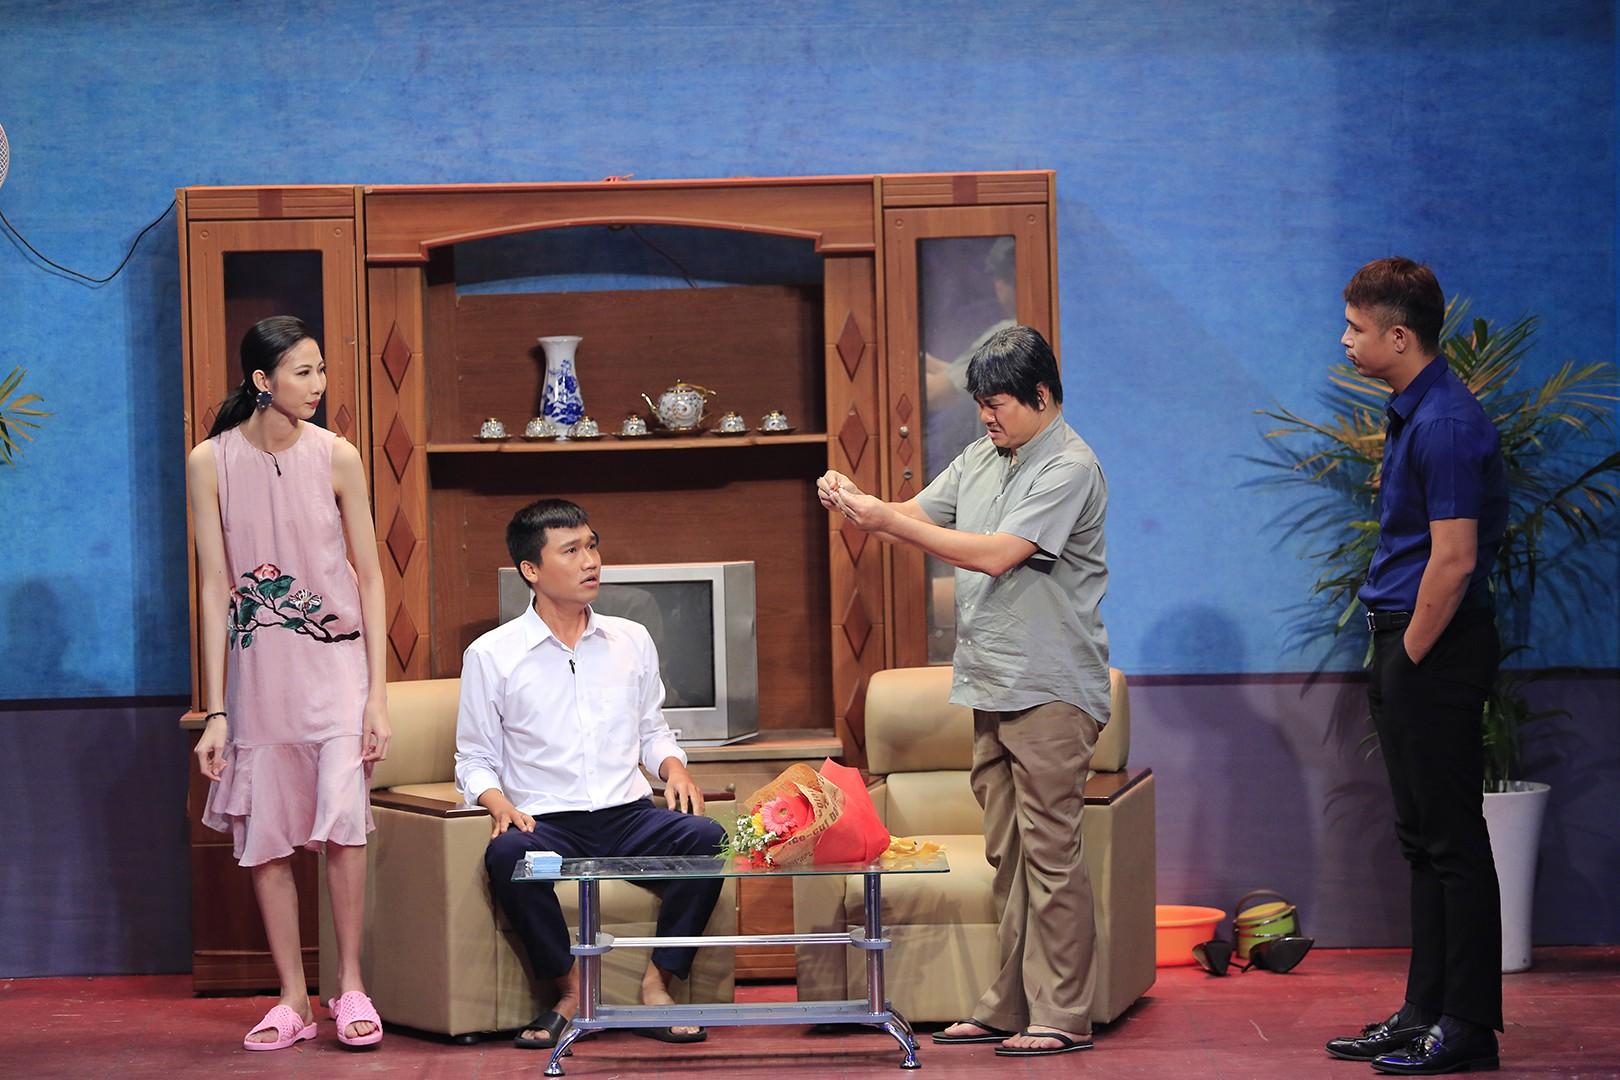 Ơn giời: Giám khảo Hoài Linh phải xông vào phòng Trường Giang để trị Lê Dương Bảo Lâm - Ảnh 3.